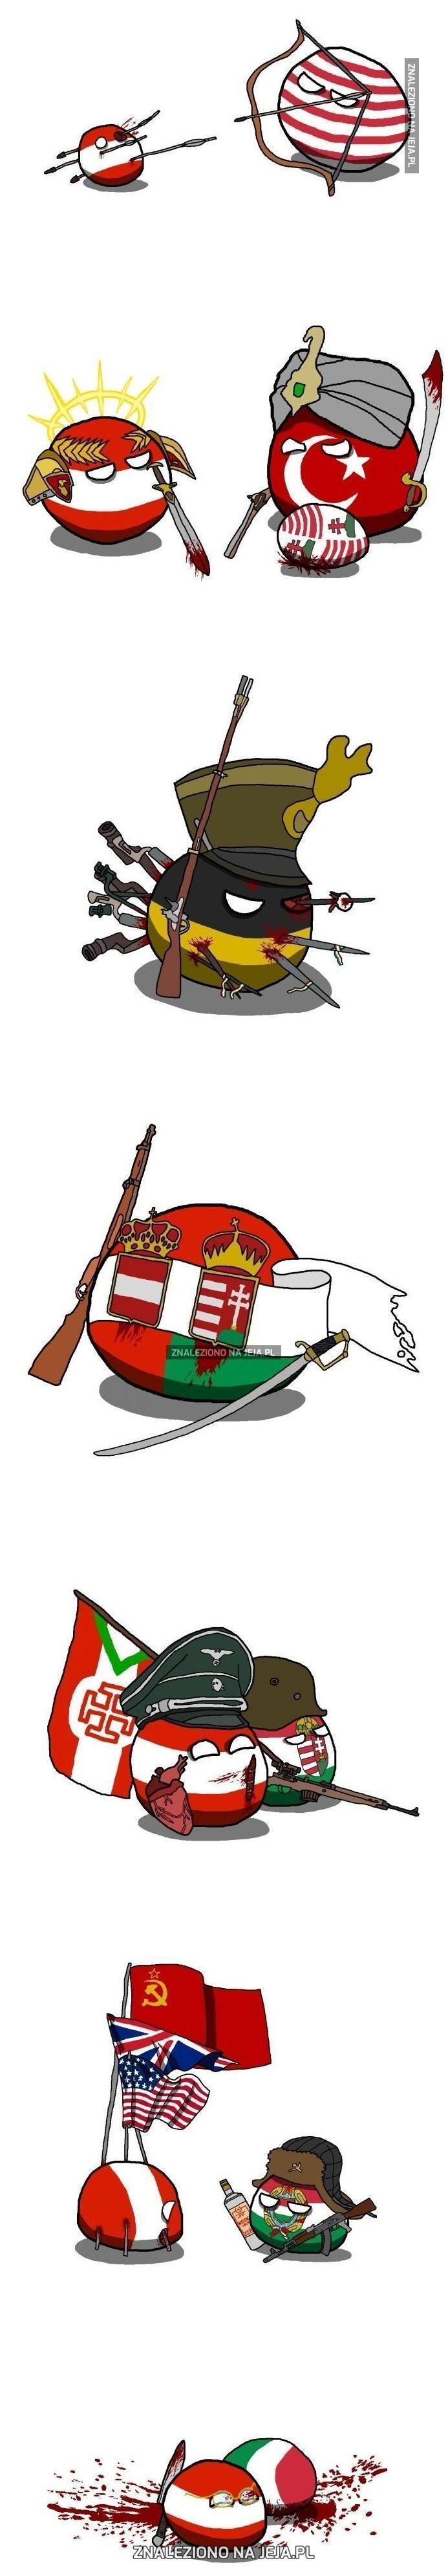 Krótka historia Austrii i Węgier